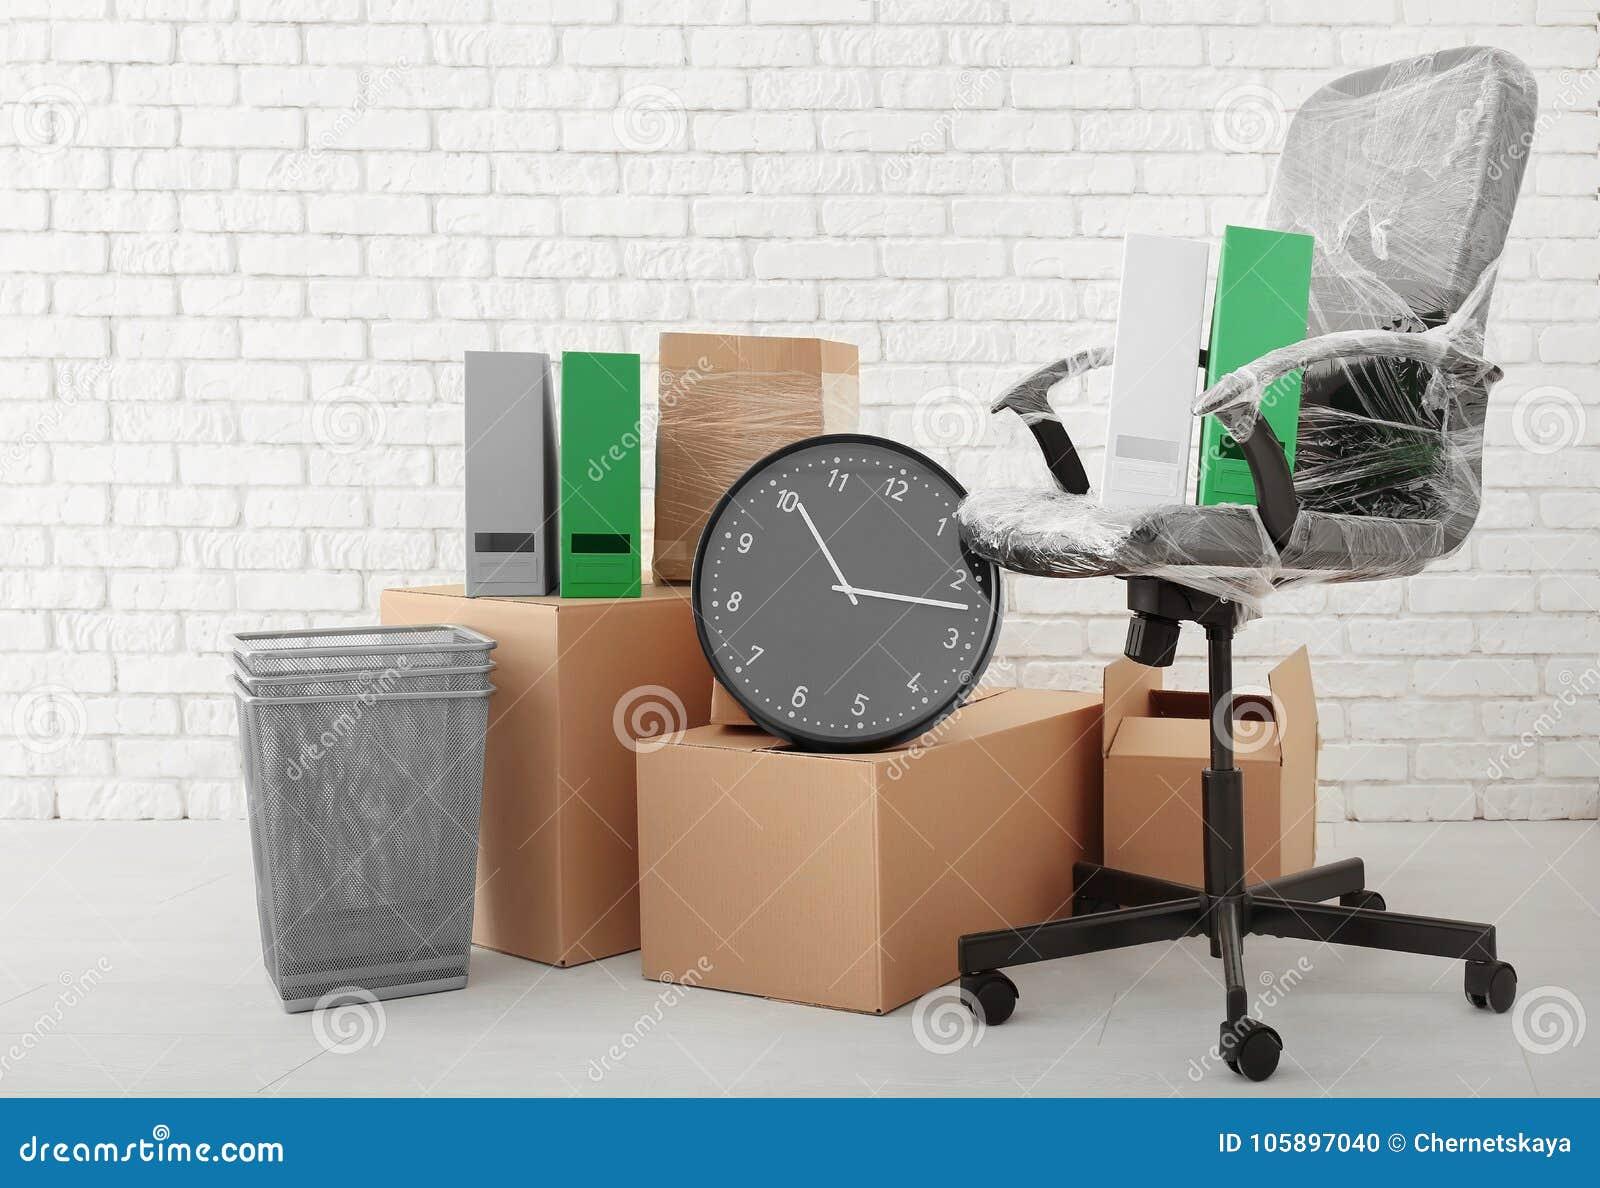 Download Concept De Mouvement Bureau Botes Et Chaise Carton Sur Le Plancher Photo Stock